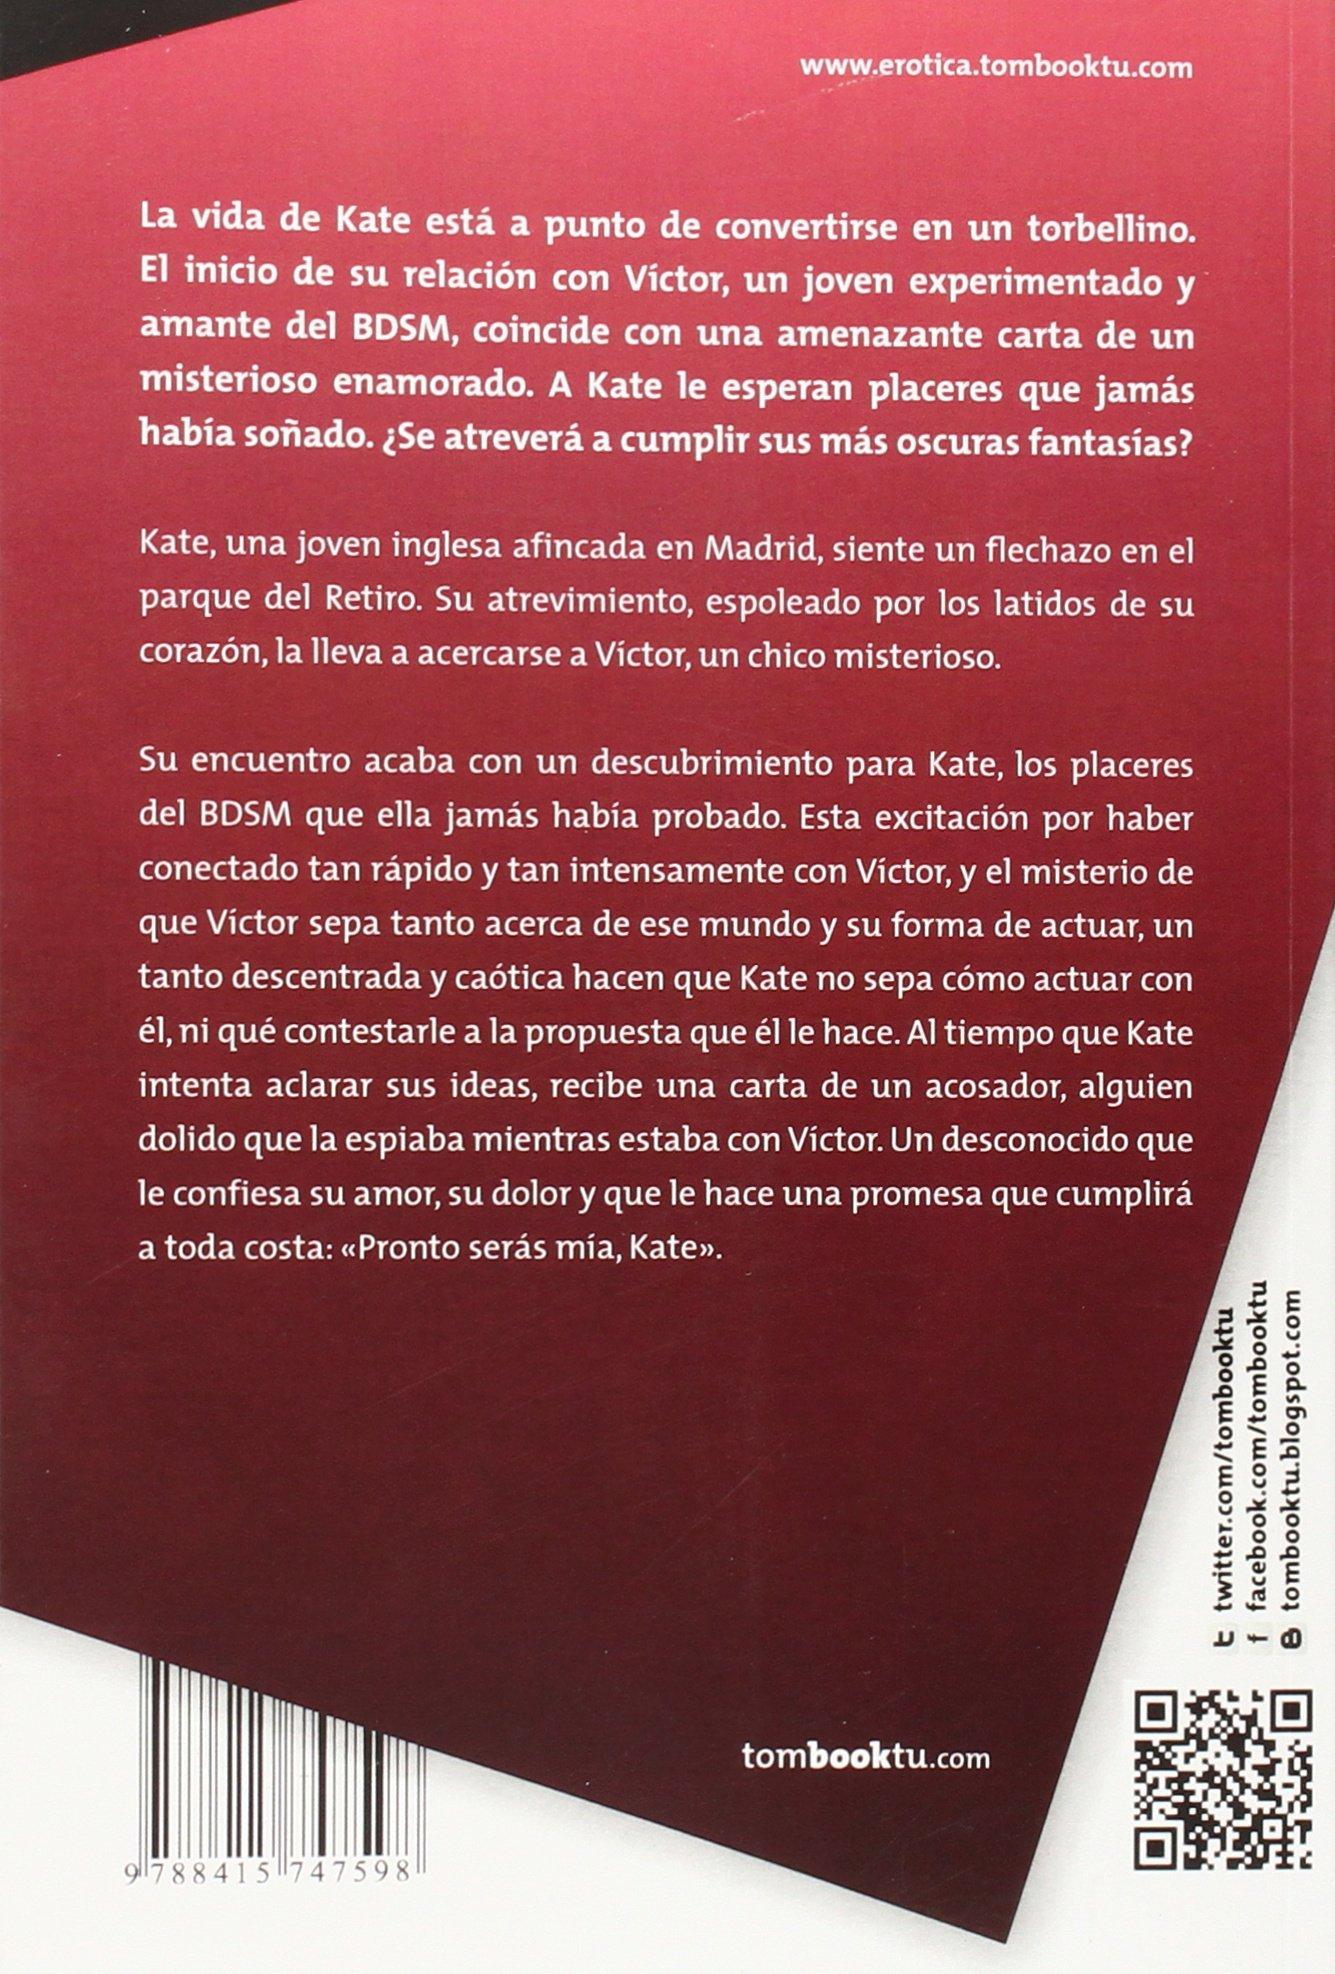 Atada a tu piel (Tombooktu Erótica): Amazon.es: Víctor ...